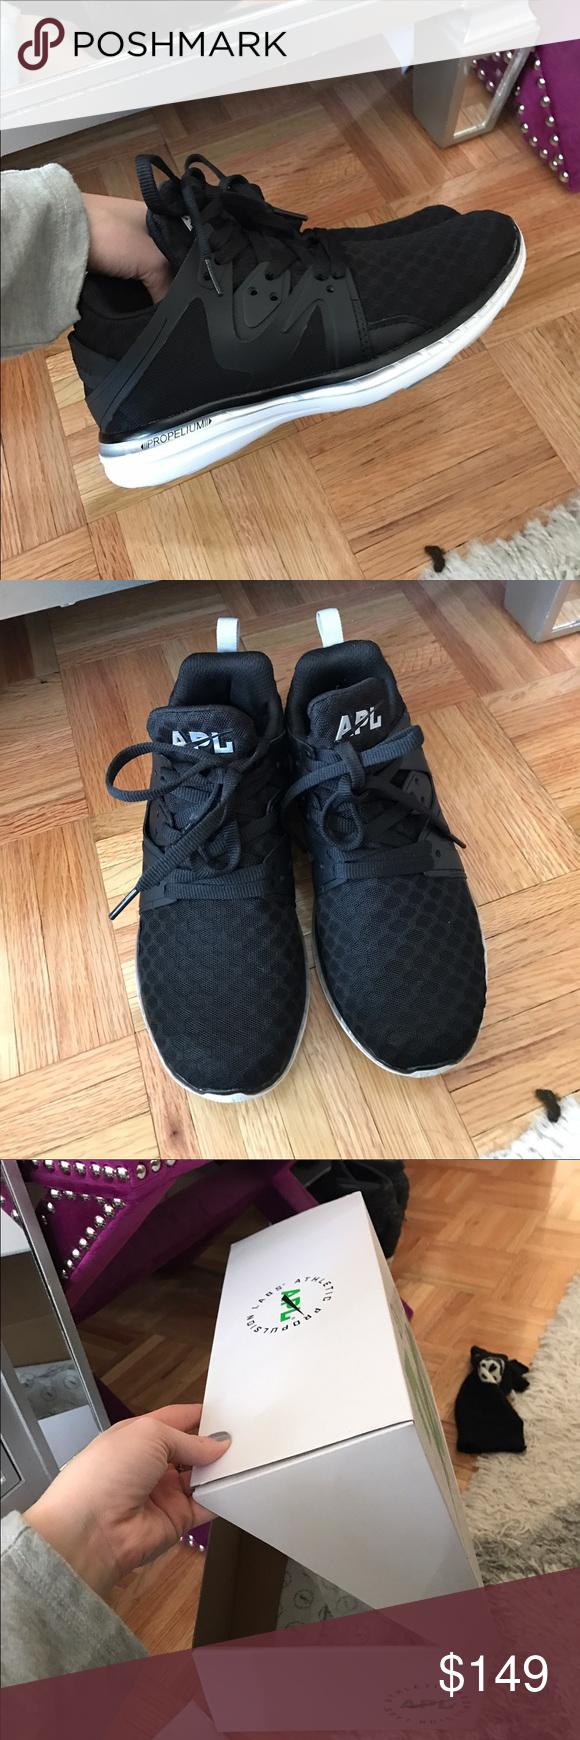 apl ascend black